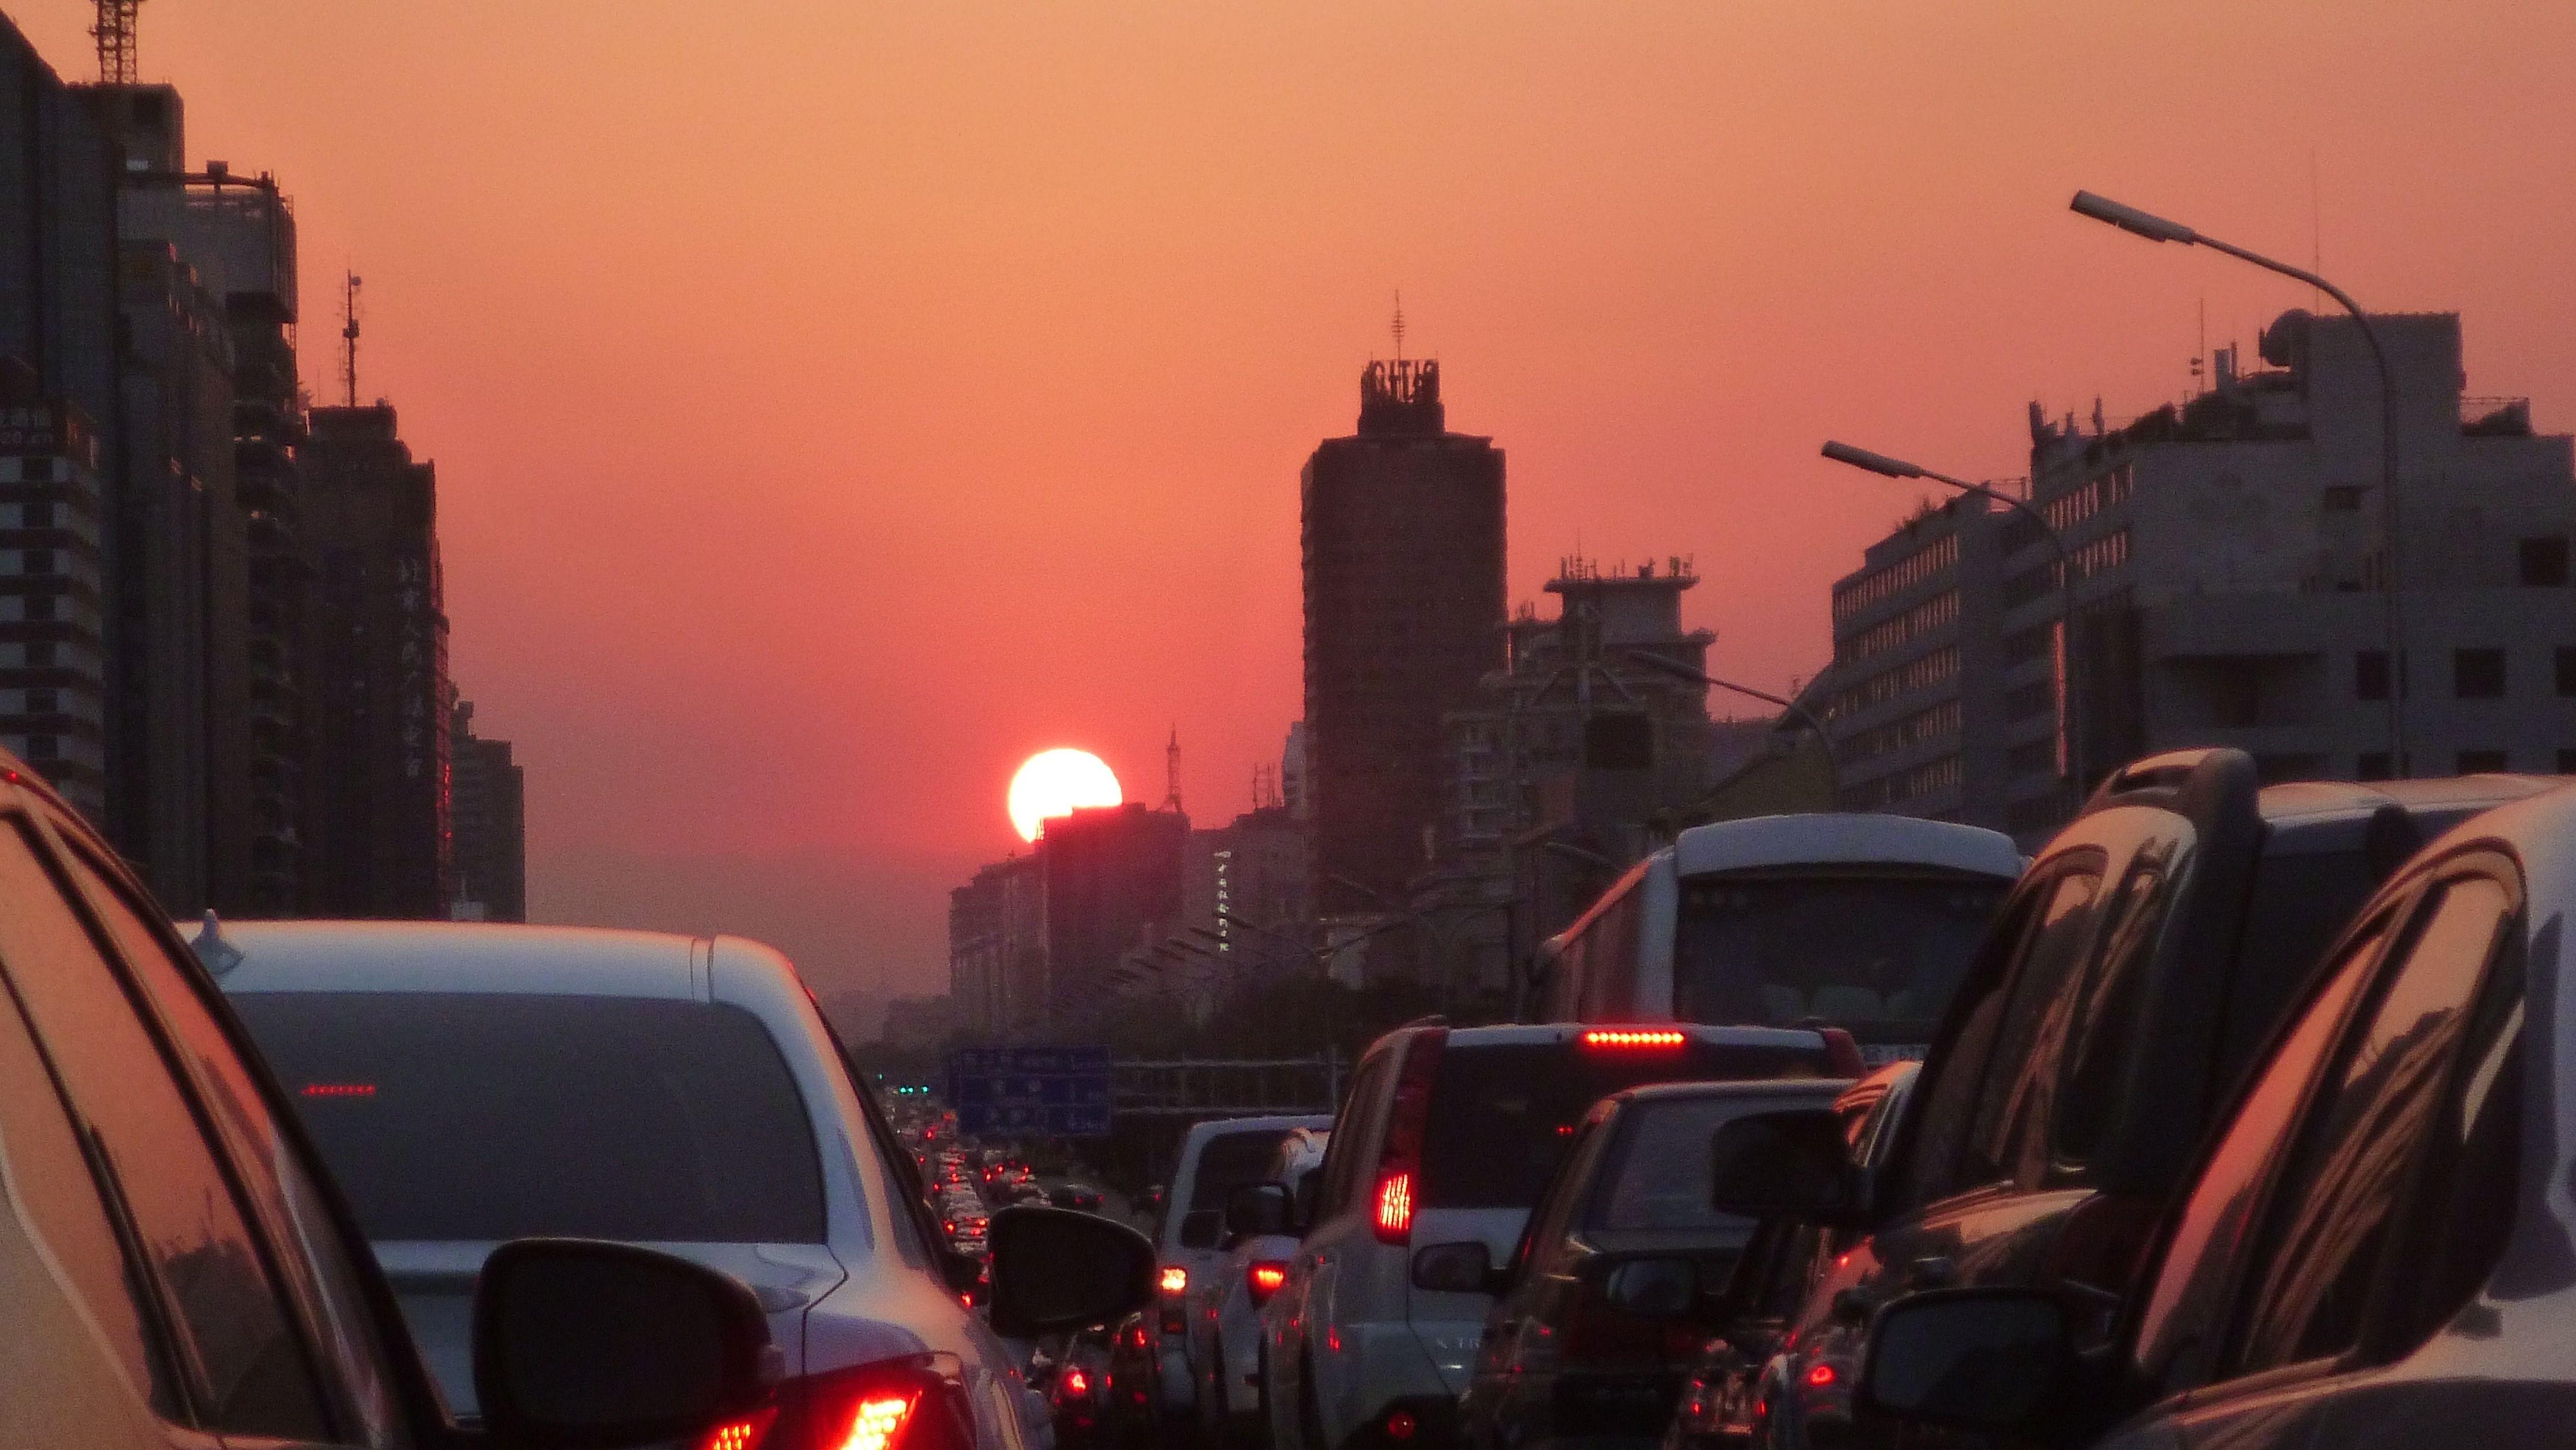 Pekingin ruuhkissa ja ilmansaasteissa pärjää paremmin muutaman neuvon avulla.